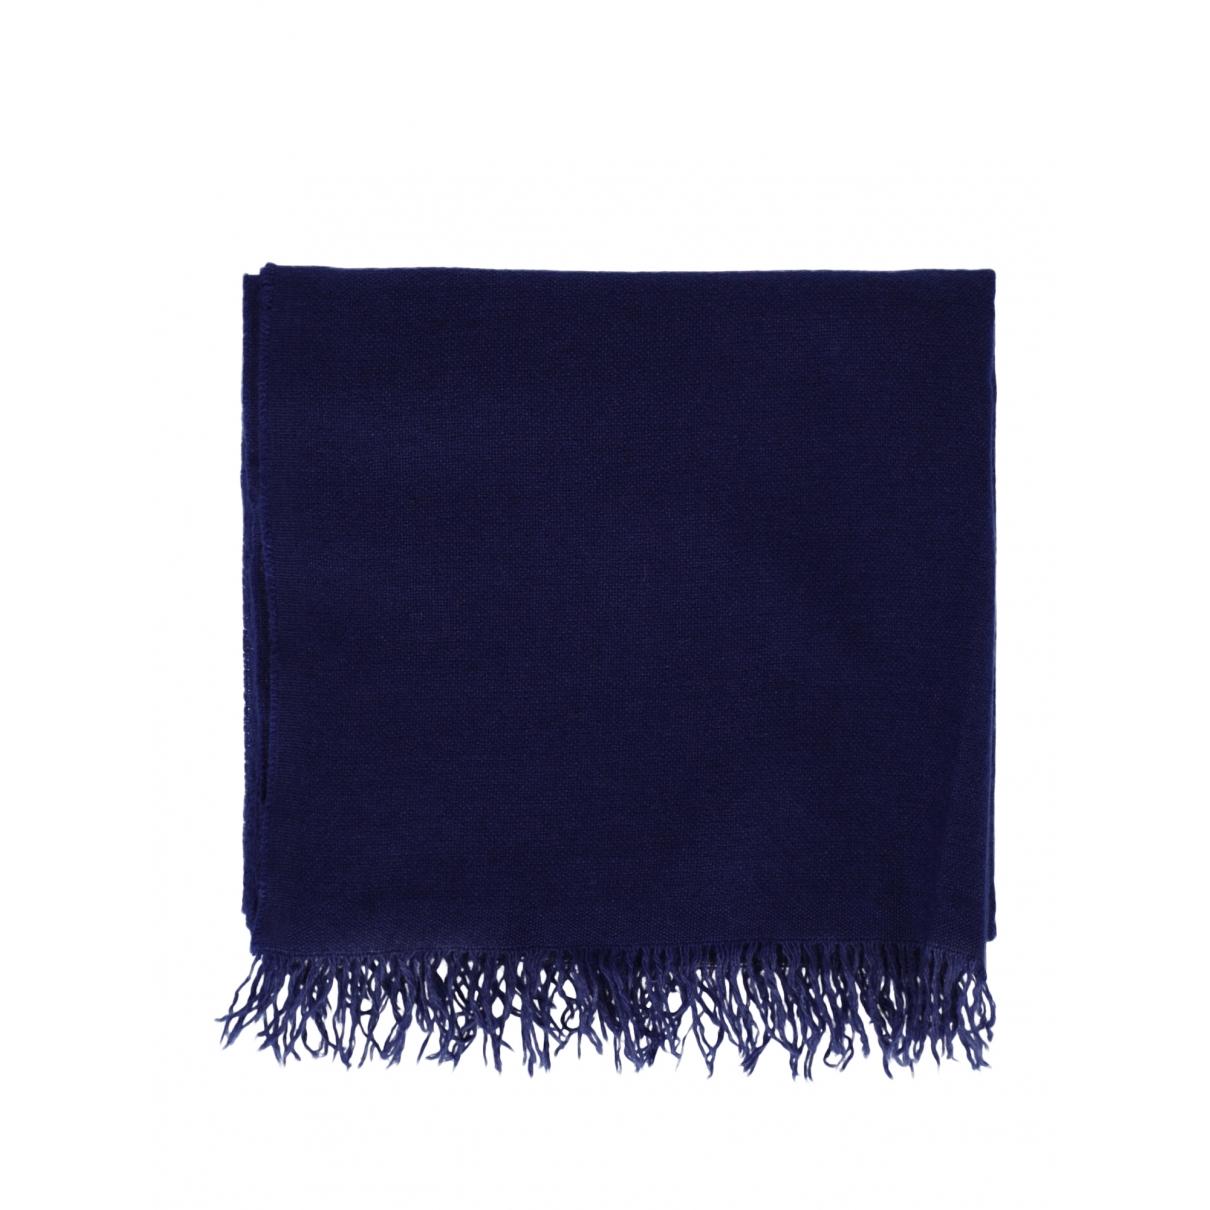 Bottega Veneta \N Schal in  Blau Wolle